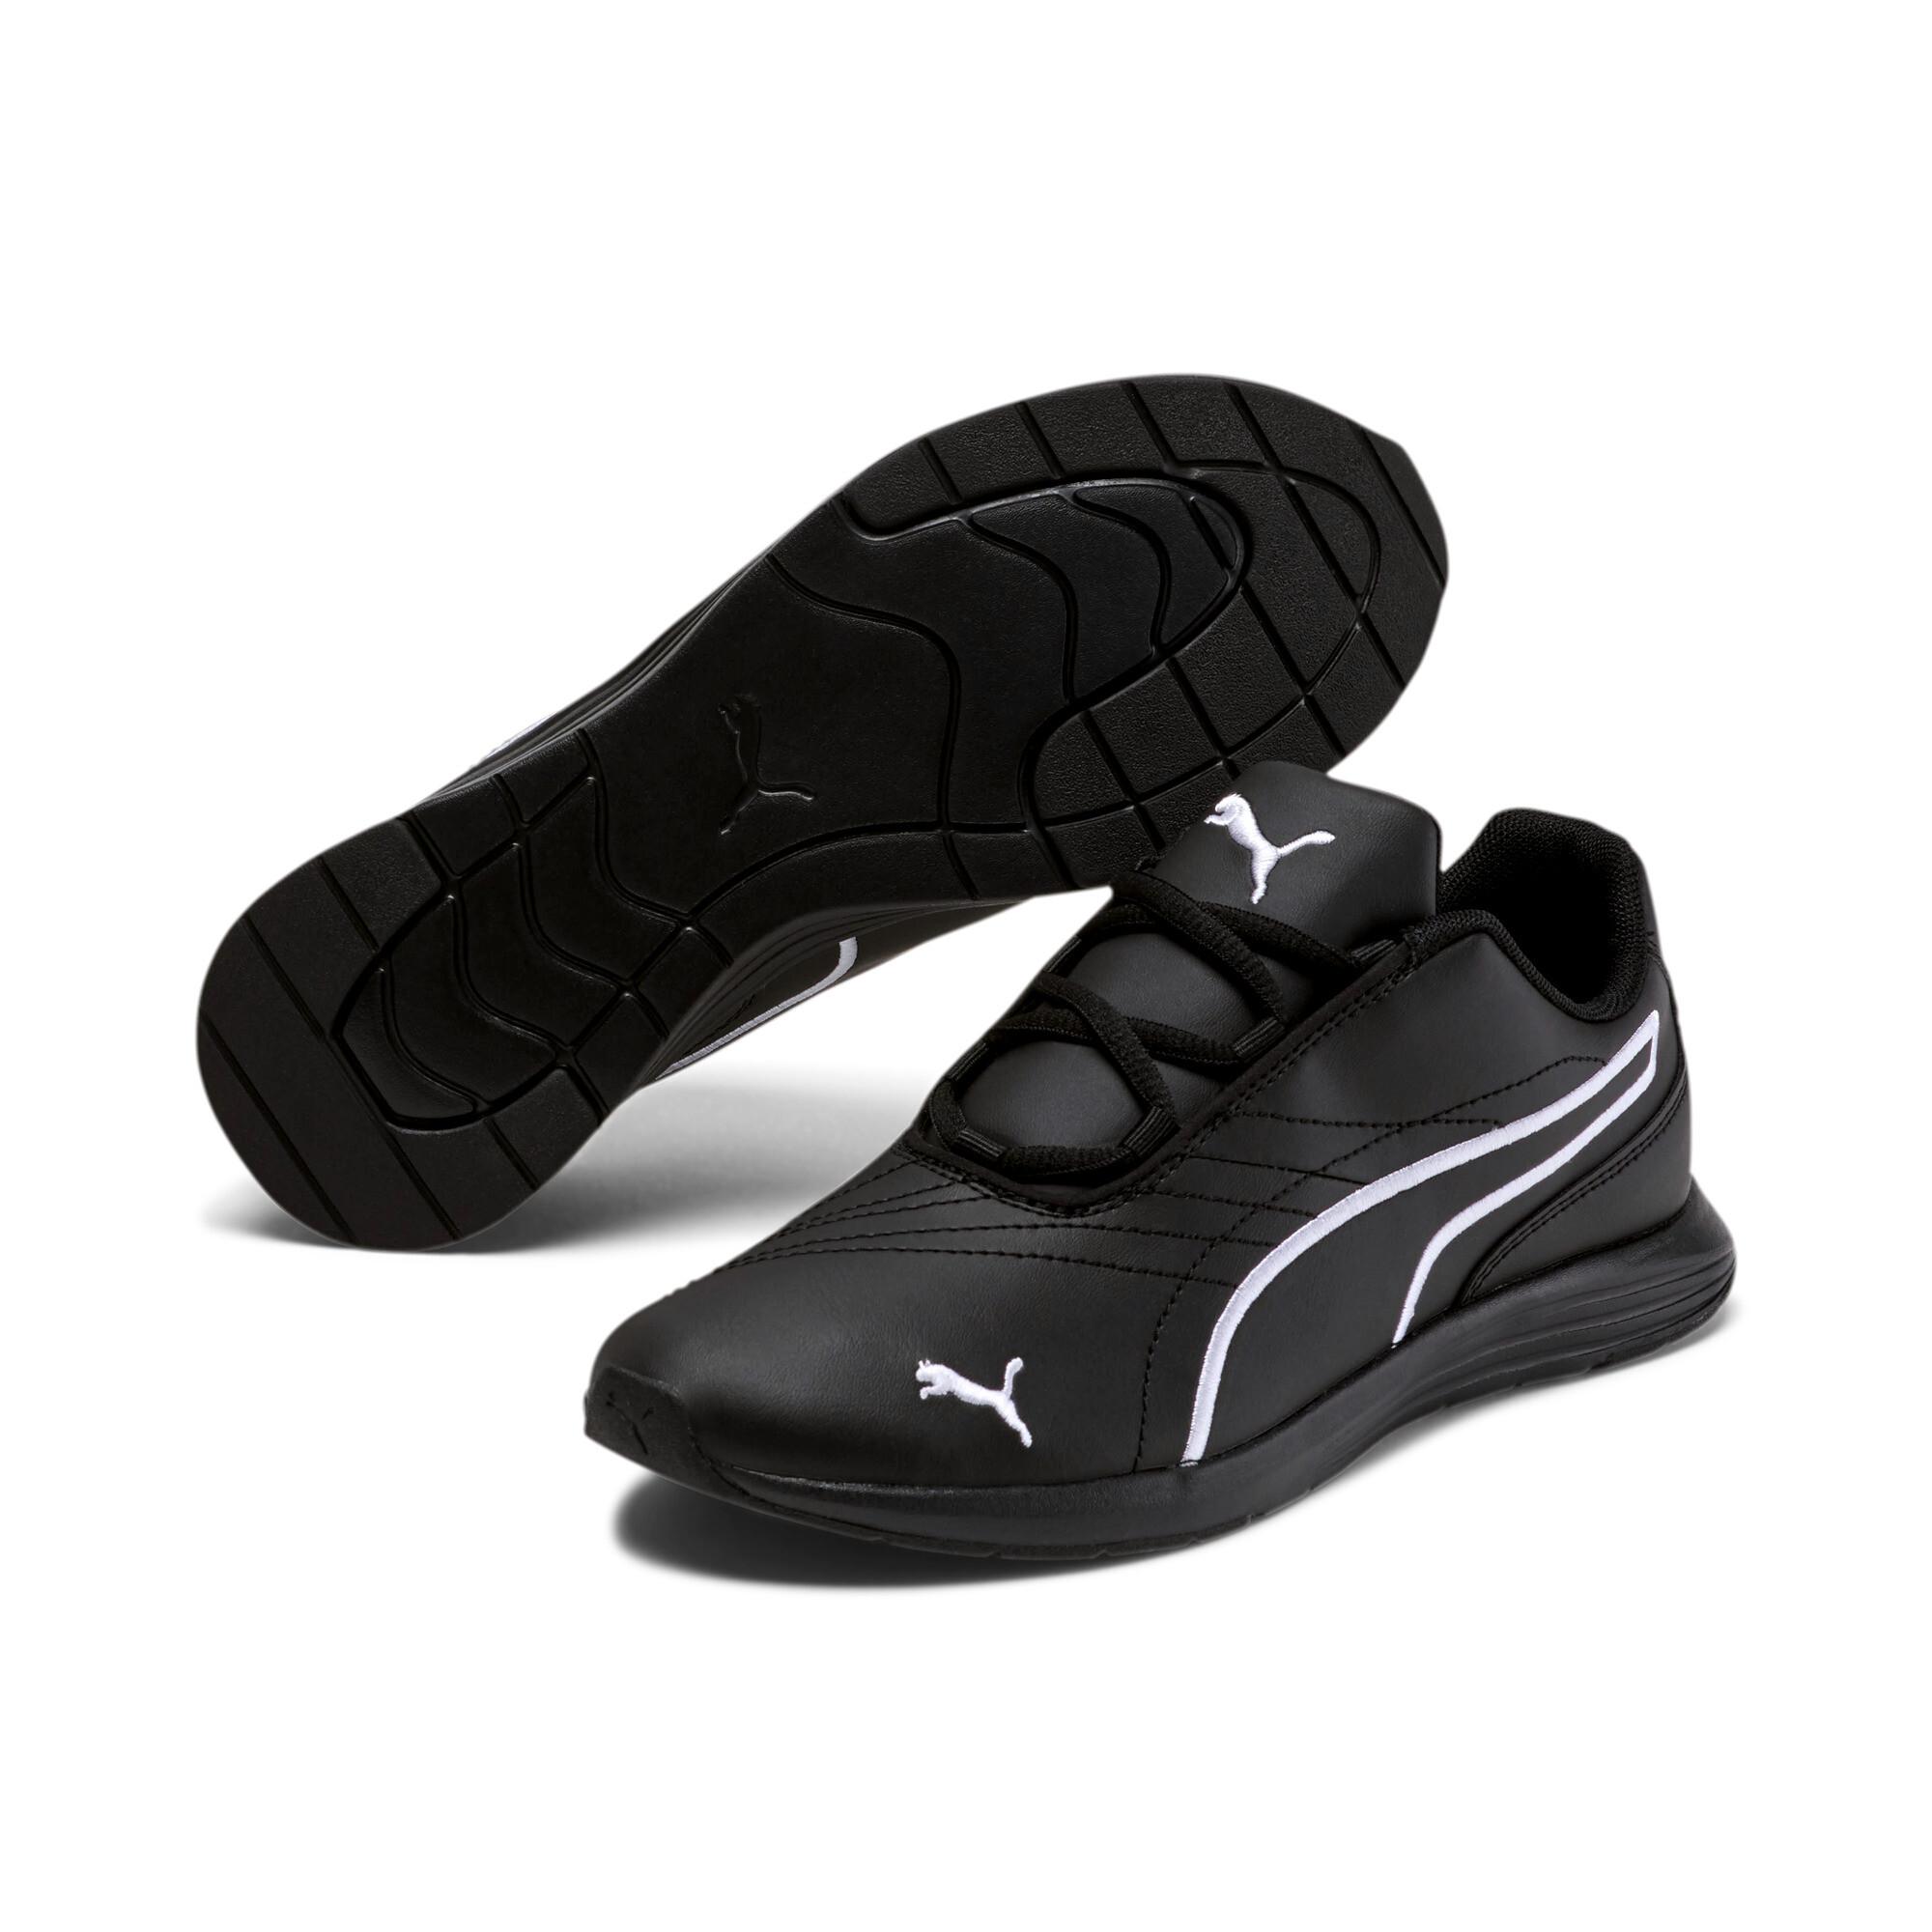 PUMA Women's Ella Lace Up Shoes